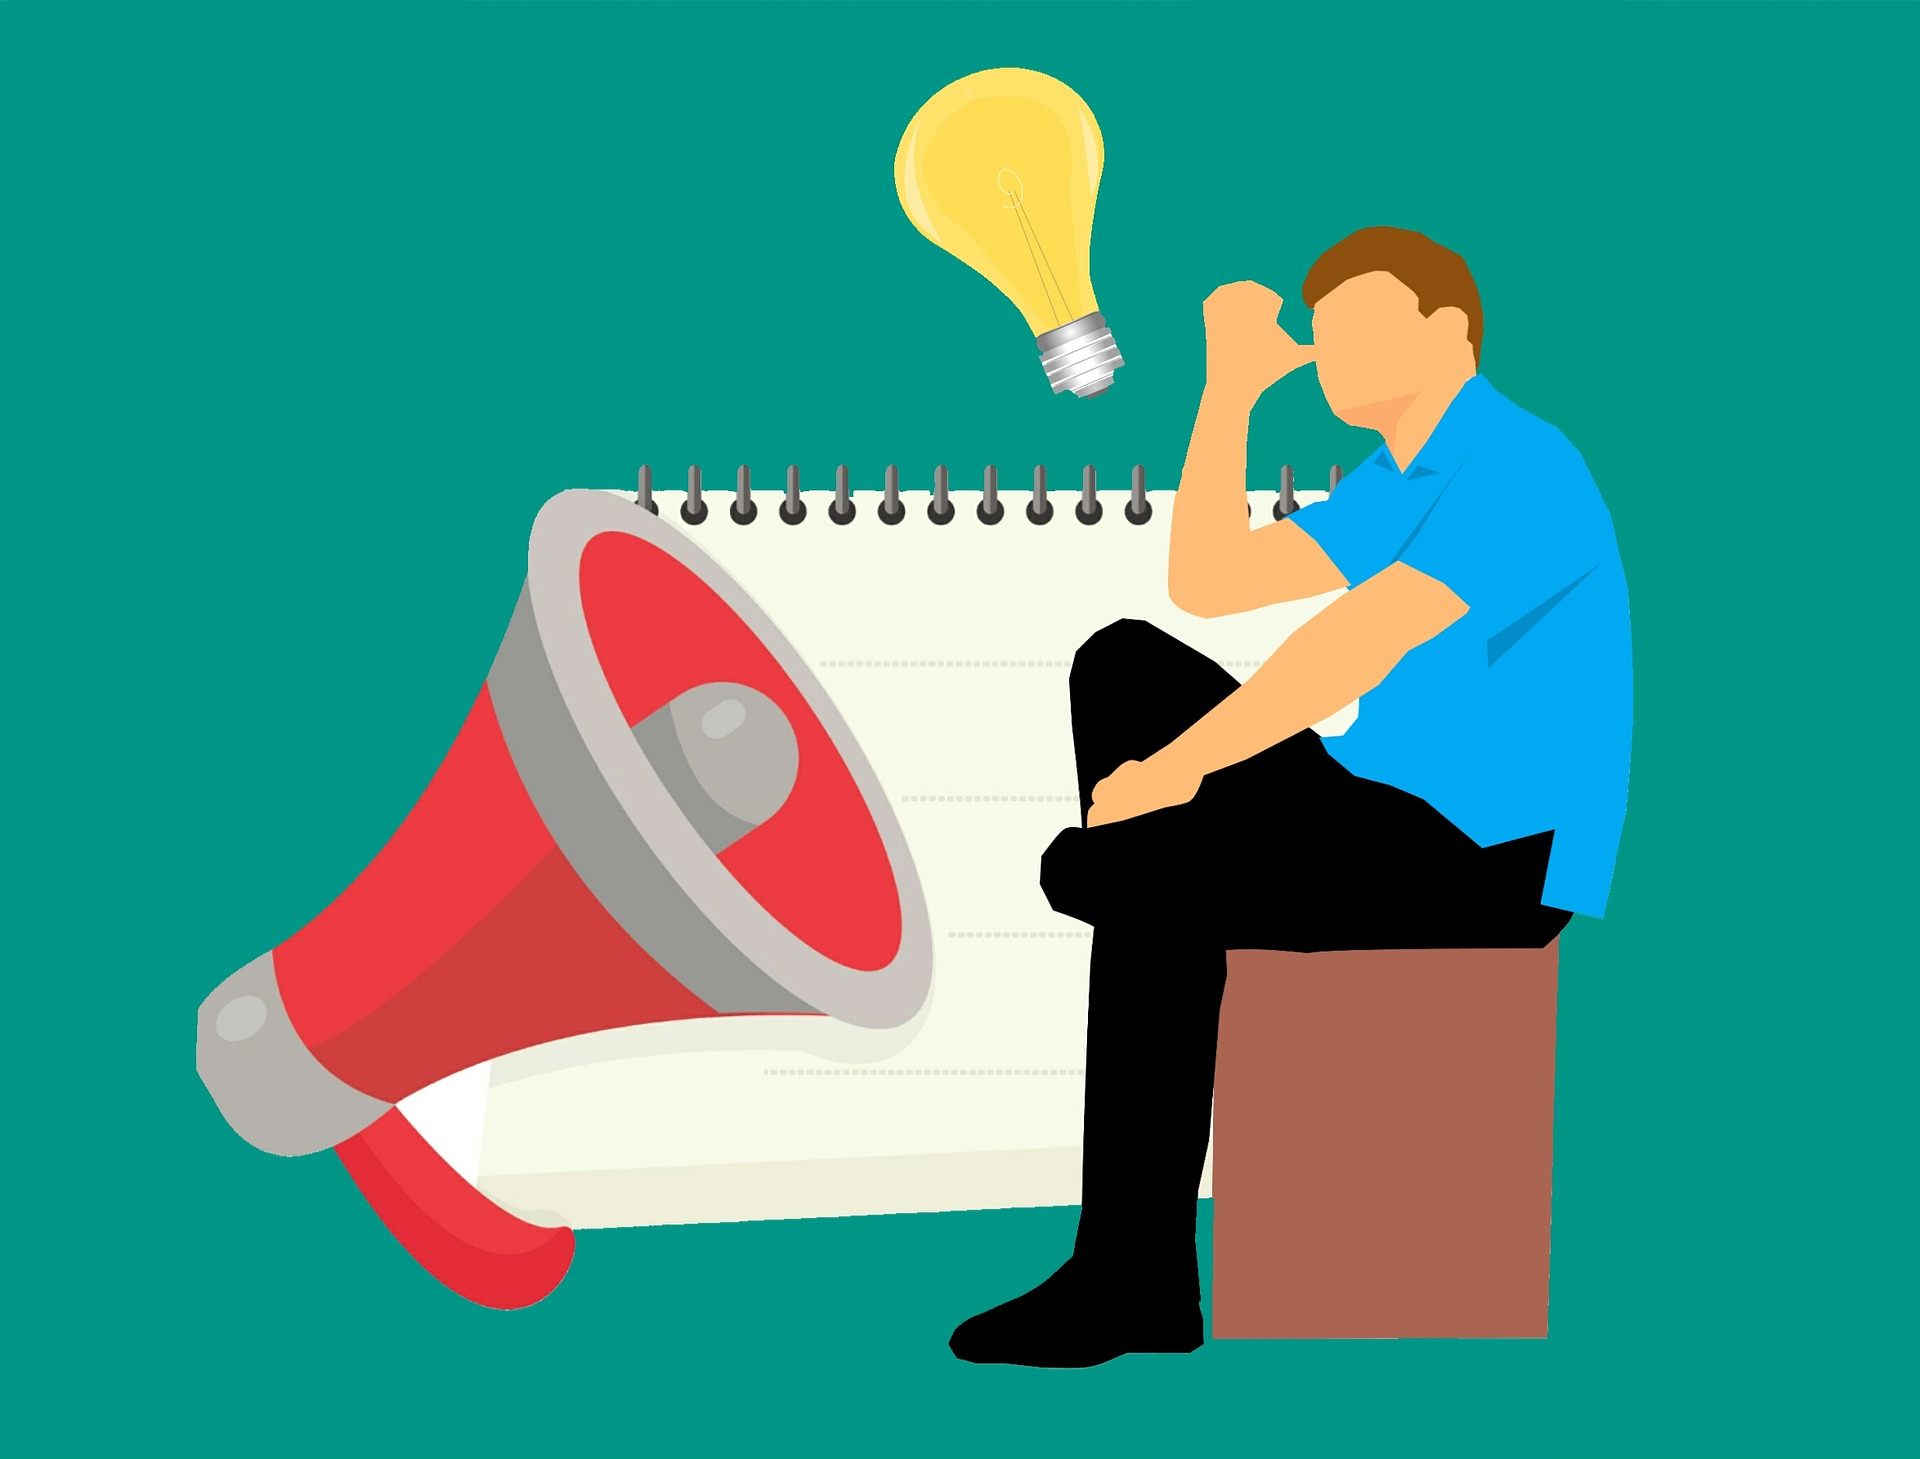 Les bonnes idées pour communiquer